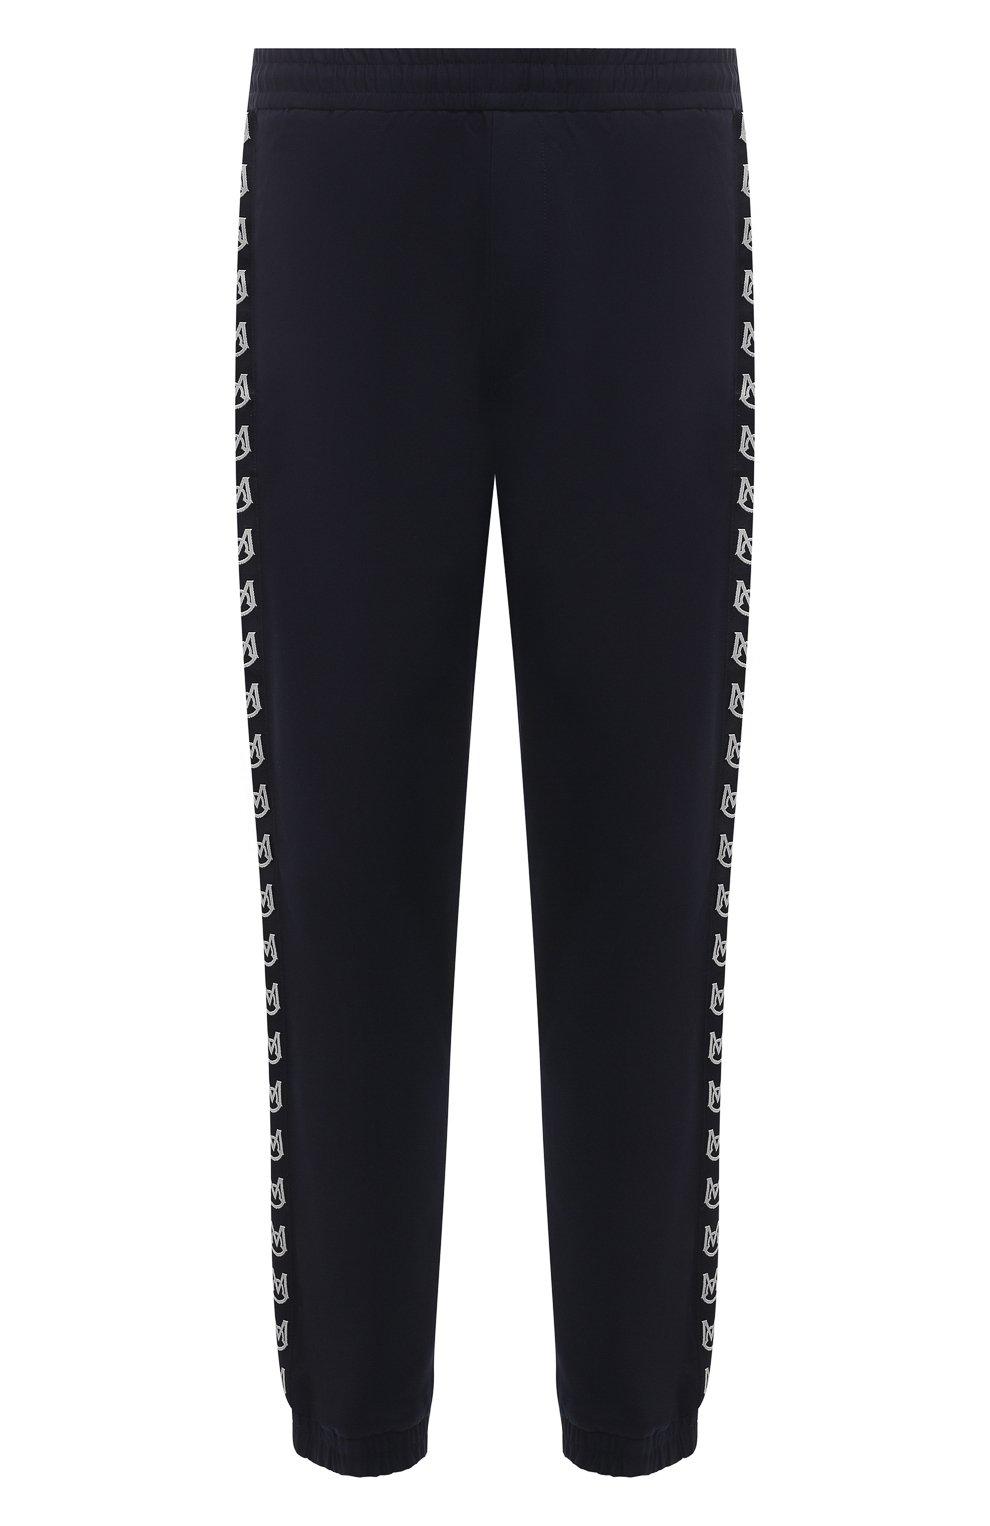 Мужские хлопковые джоггеры MONCLER темно-синего цвета, арт. G1-091-2A765-00-57448   Фото 1 (Длина (брюки, джинсы): Стандартные; Материал внешний: Хлопок; Стили: Спорт-шик; Силуэт М (брюки): Джоггеры)